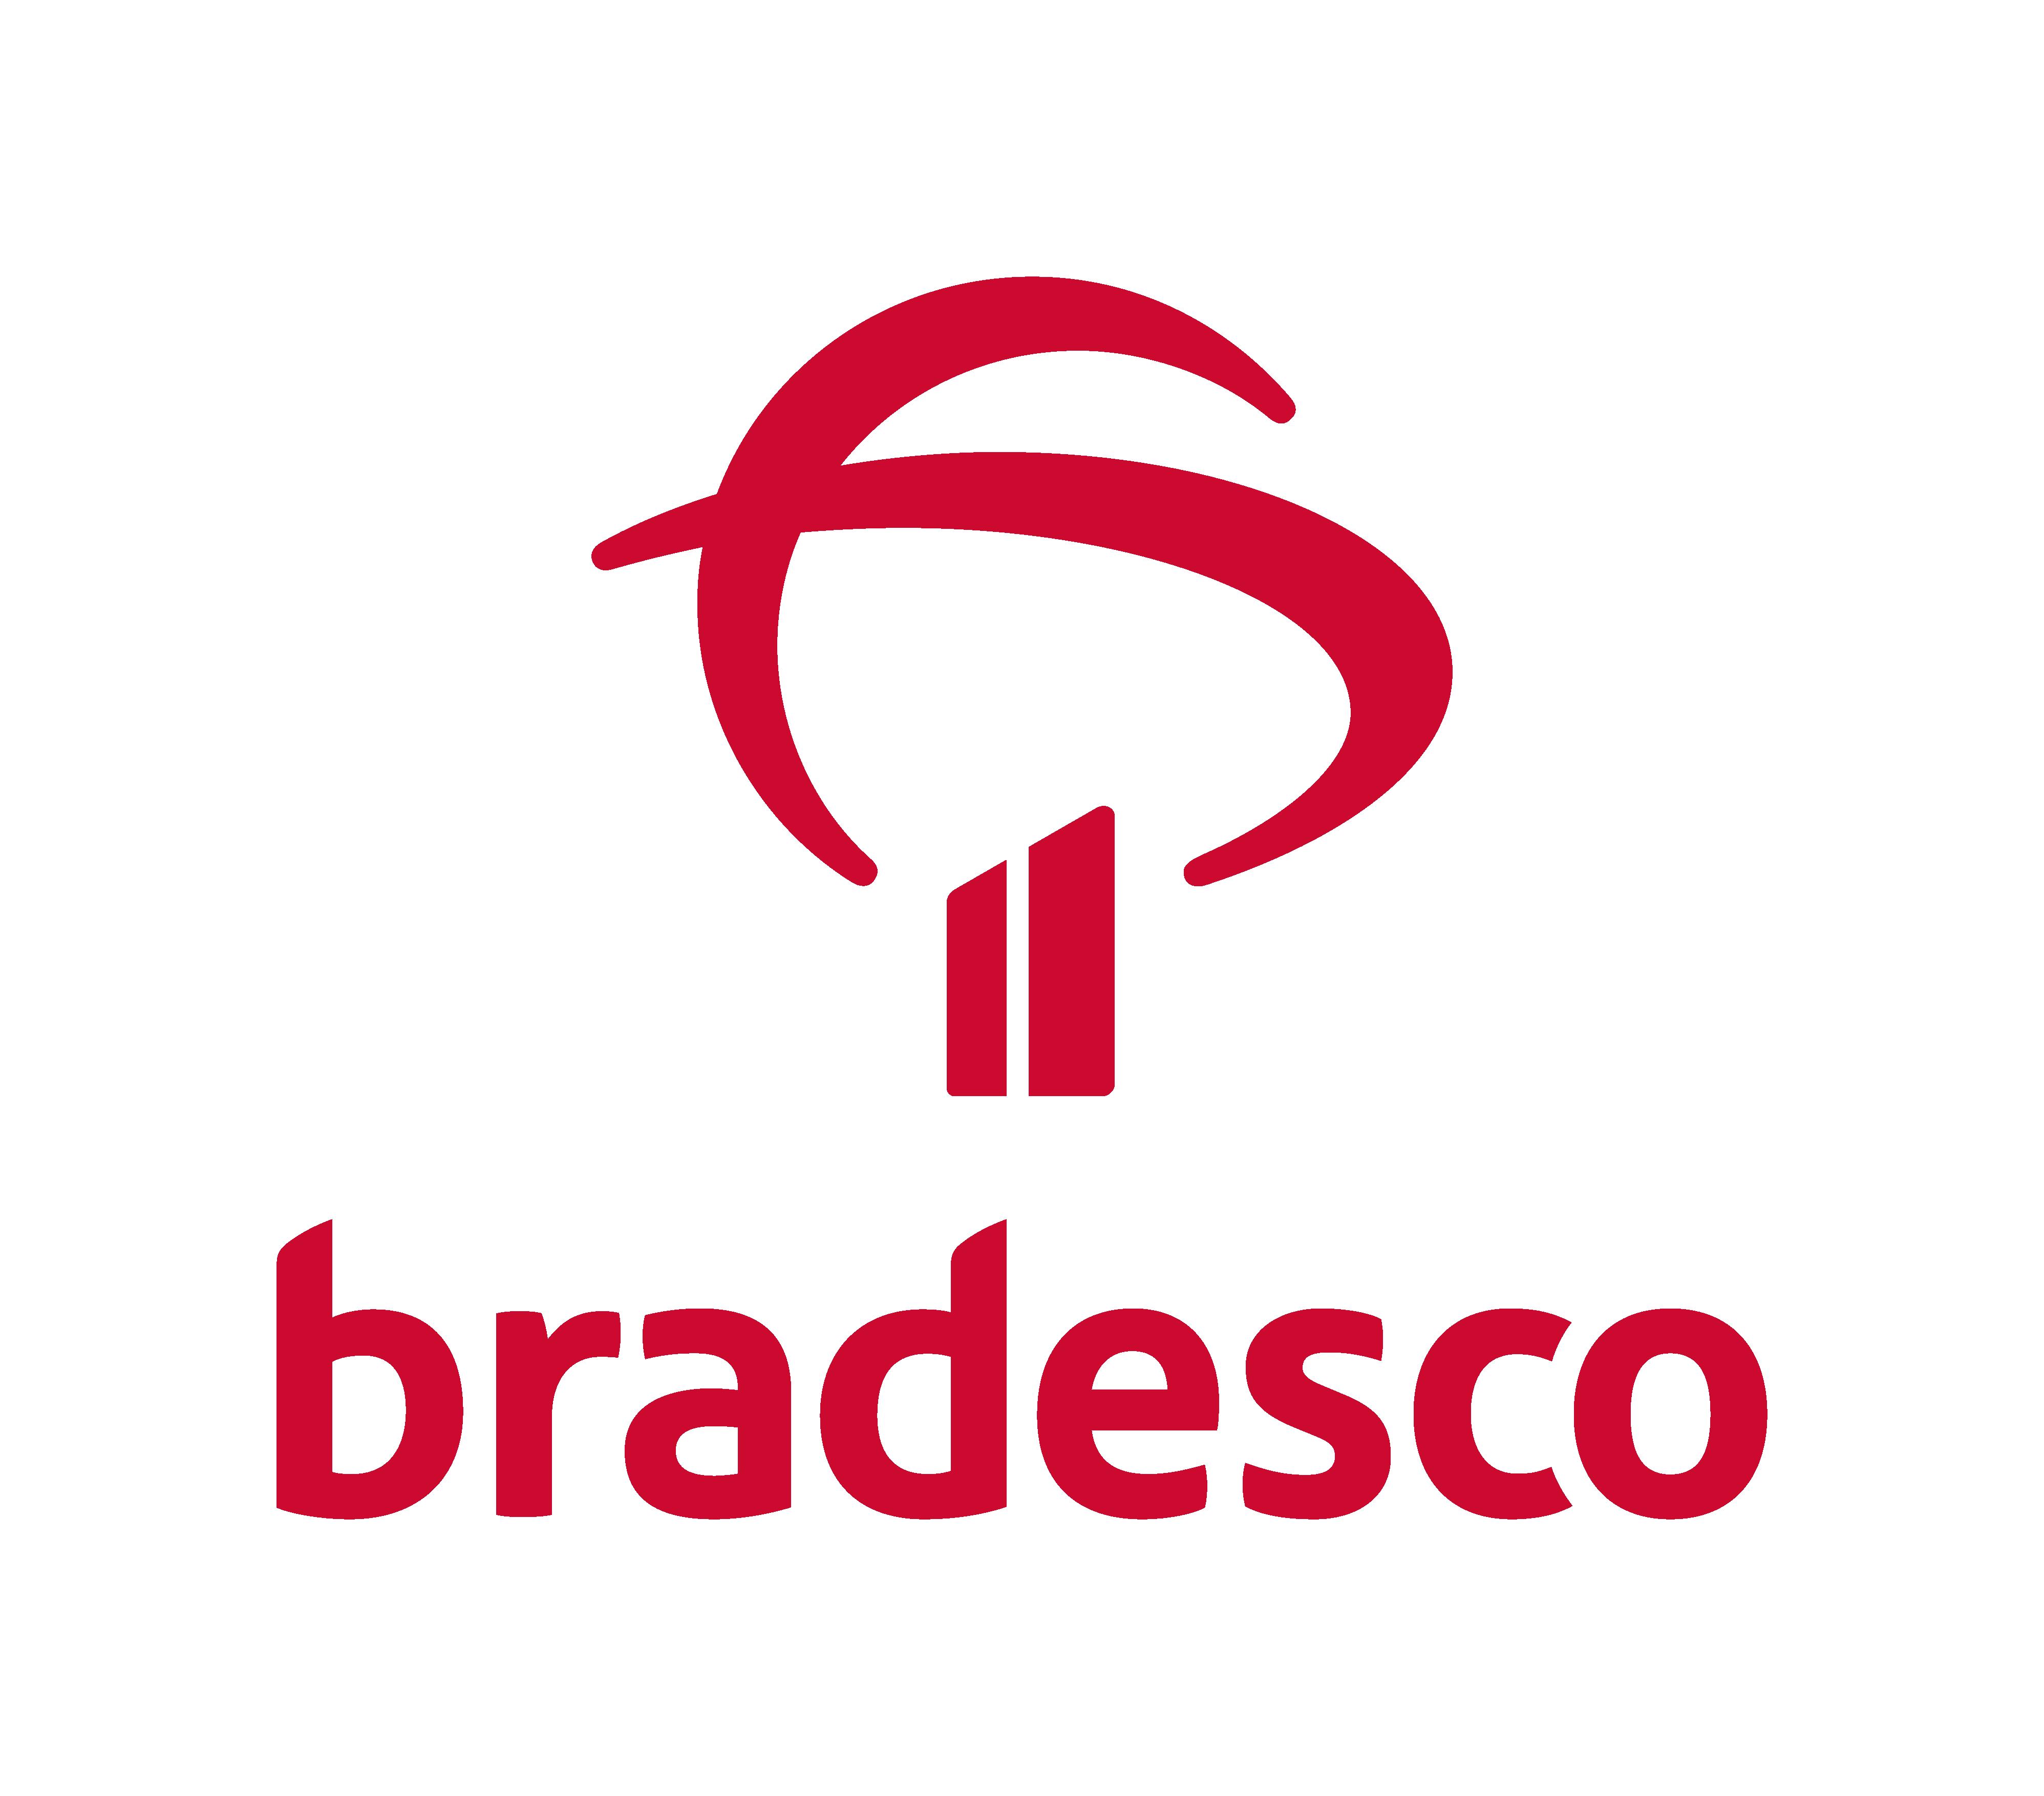 Descrição da imagem: logotipo do Bradesco